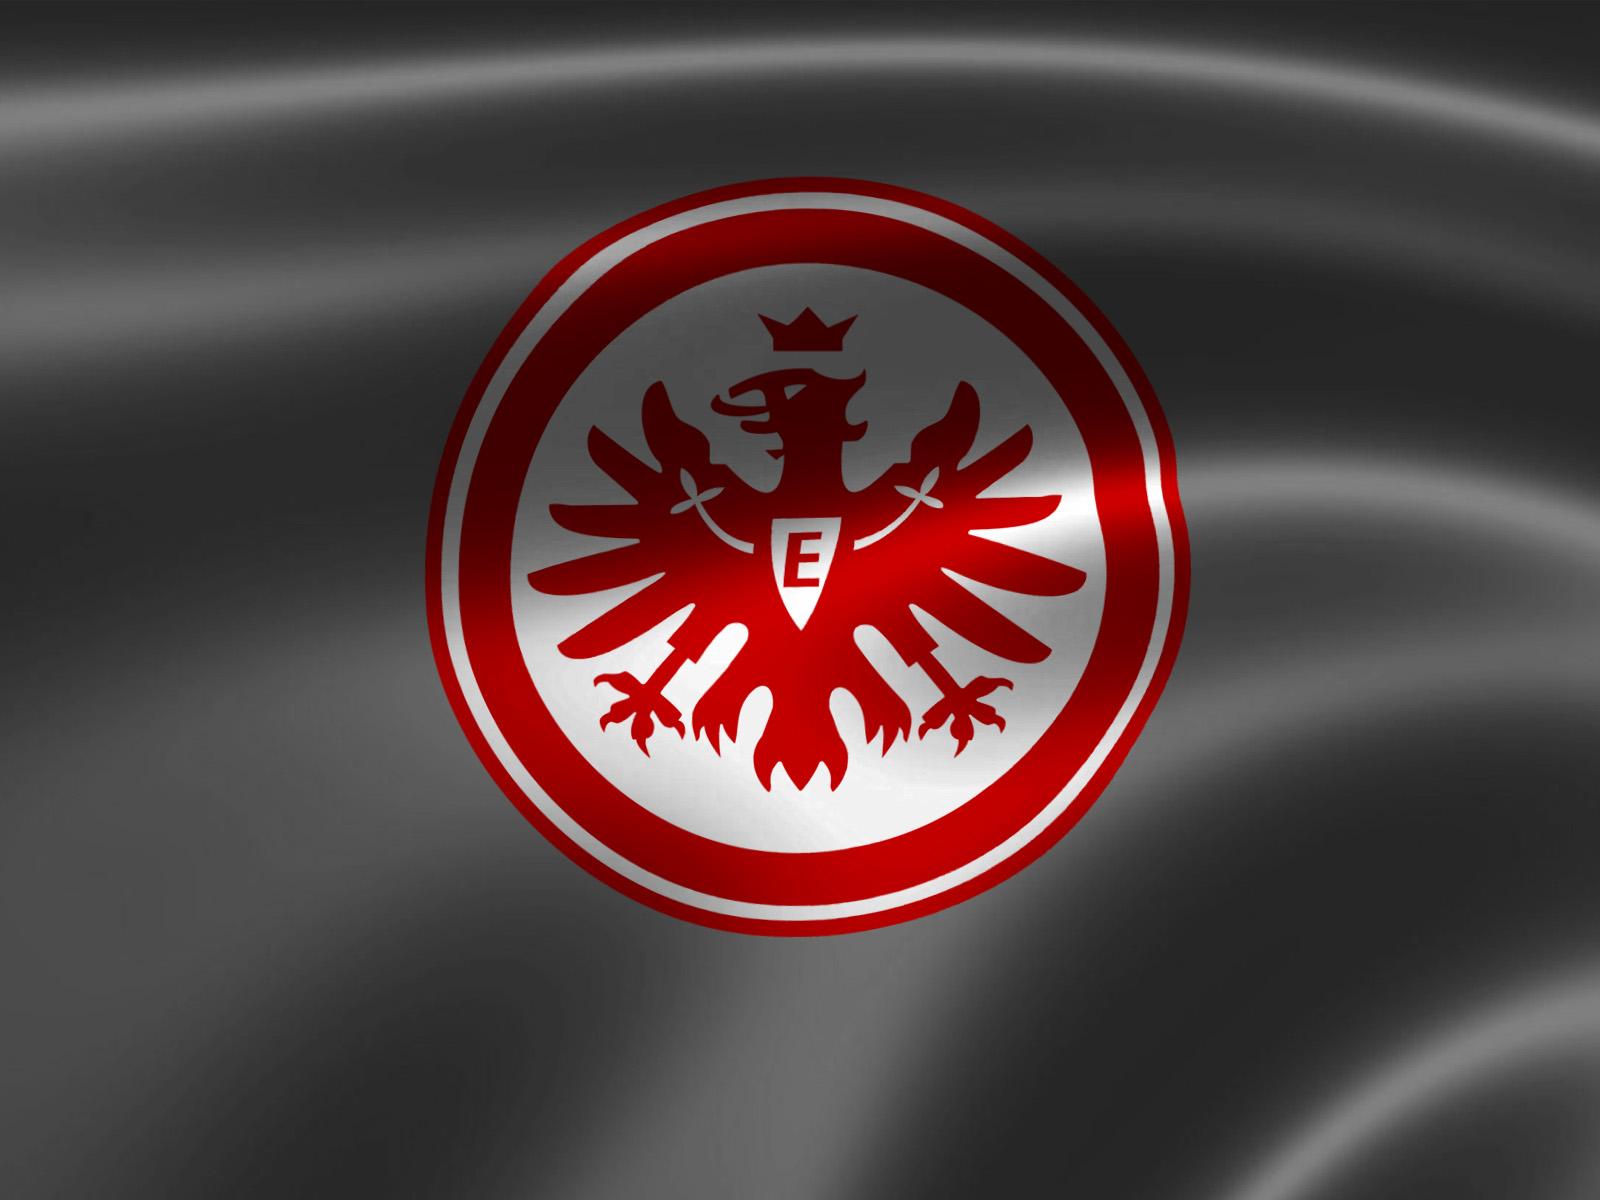 Eintracht Frankfurt Sge